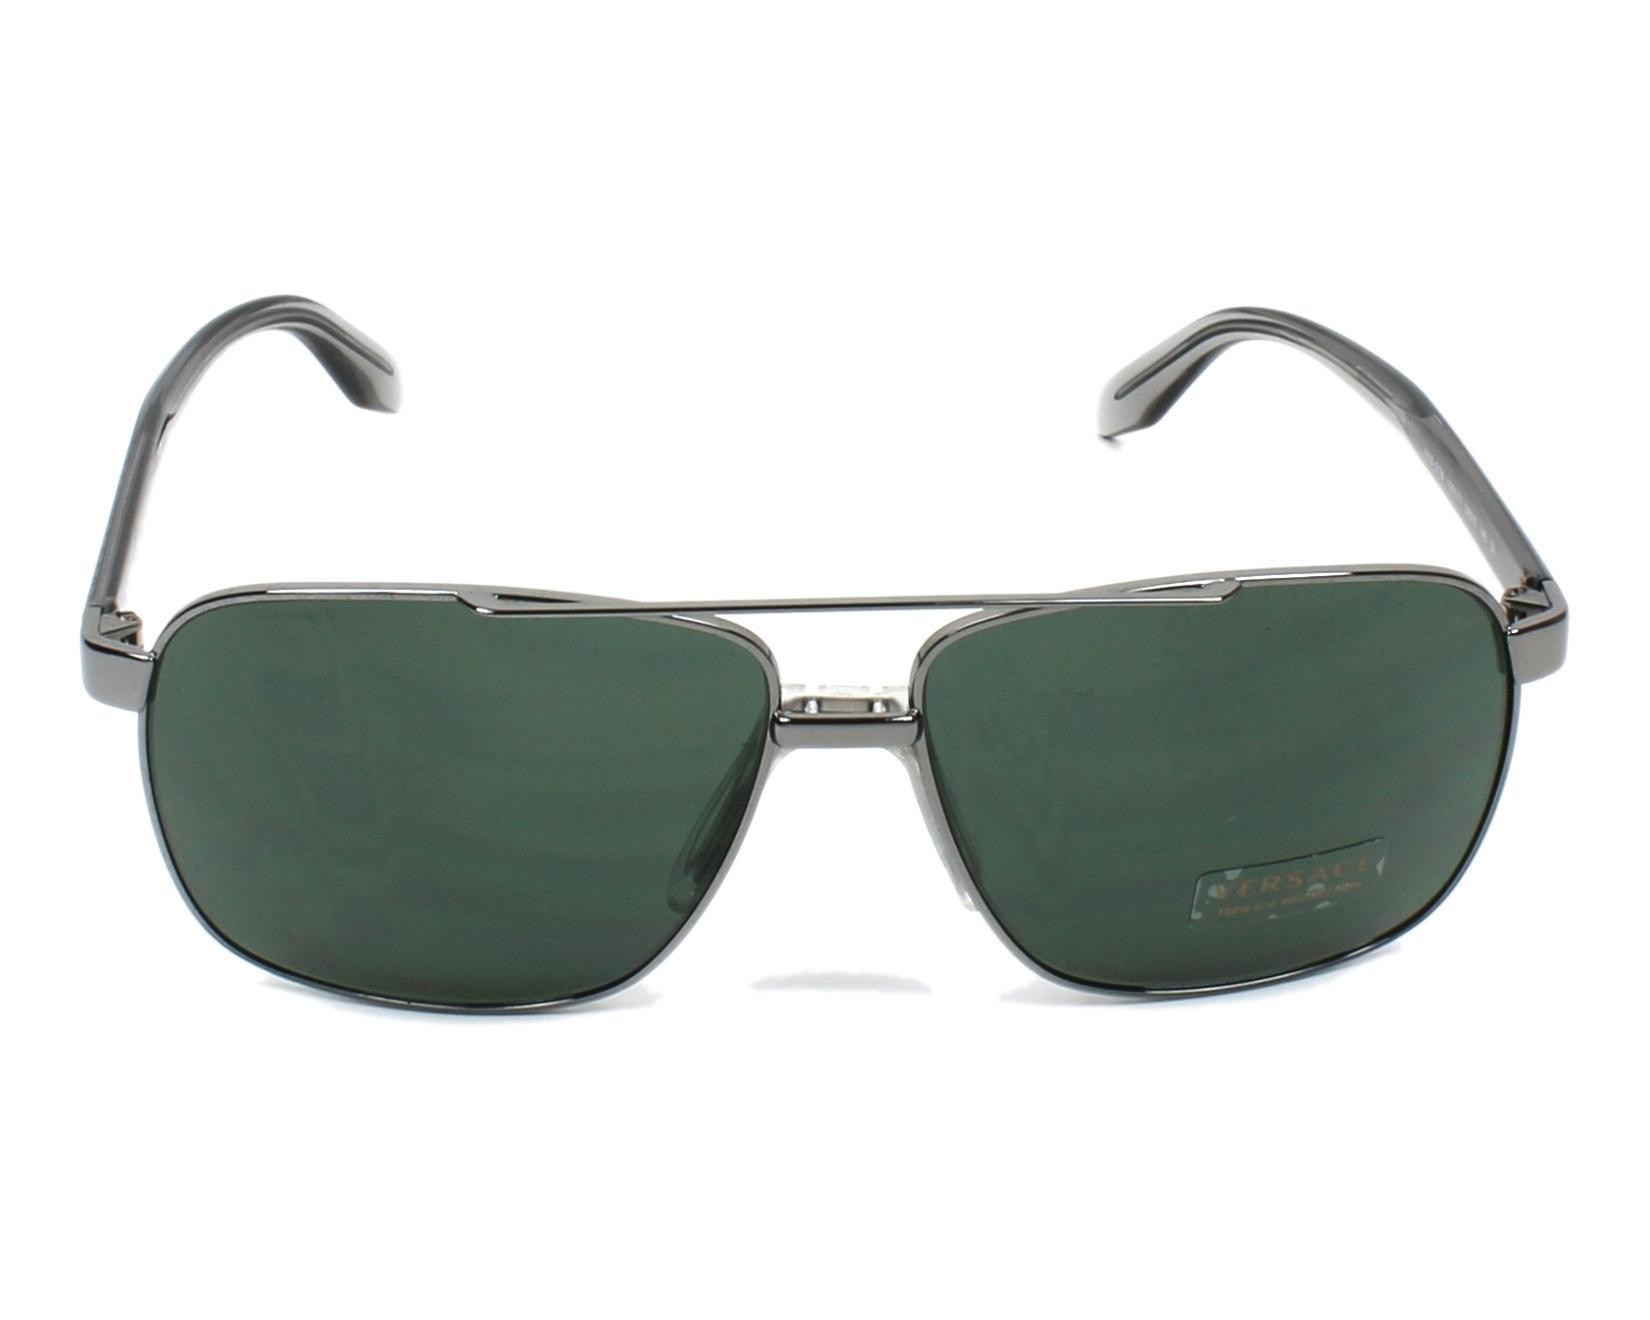 lunettes de soleil versace ve2174 100171 gunmetal avec des verres gris vert pour mixte taille. Black Bedroom Furniture Sets. Home Design Ideas